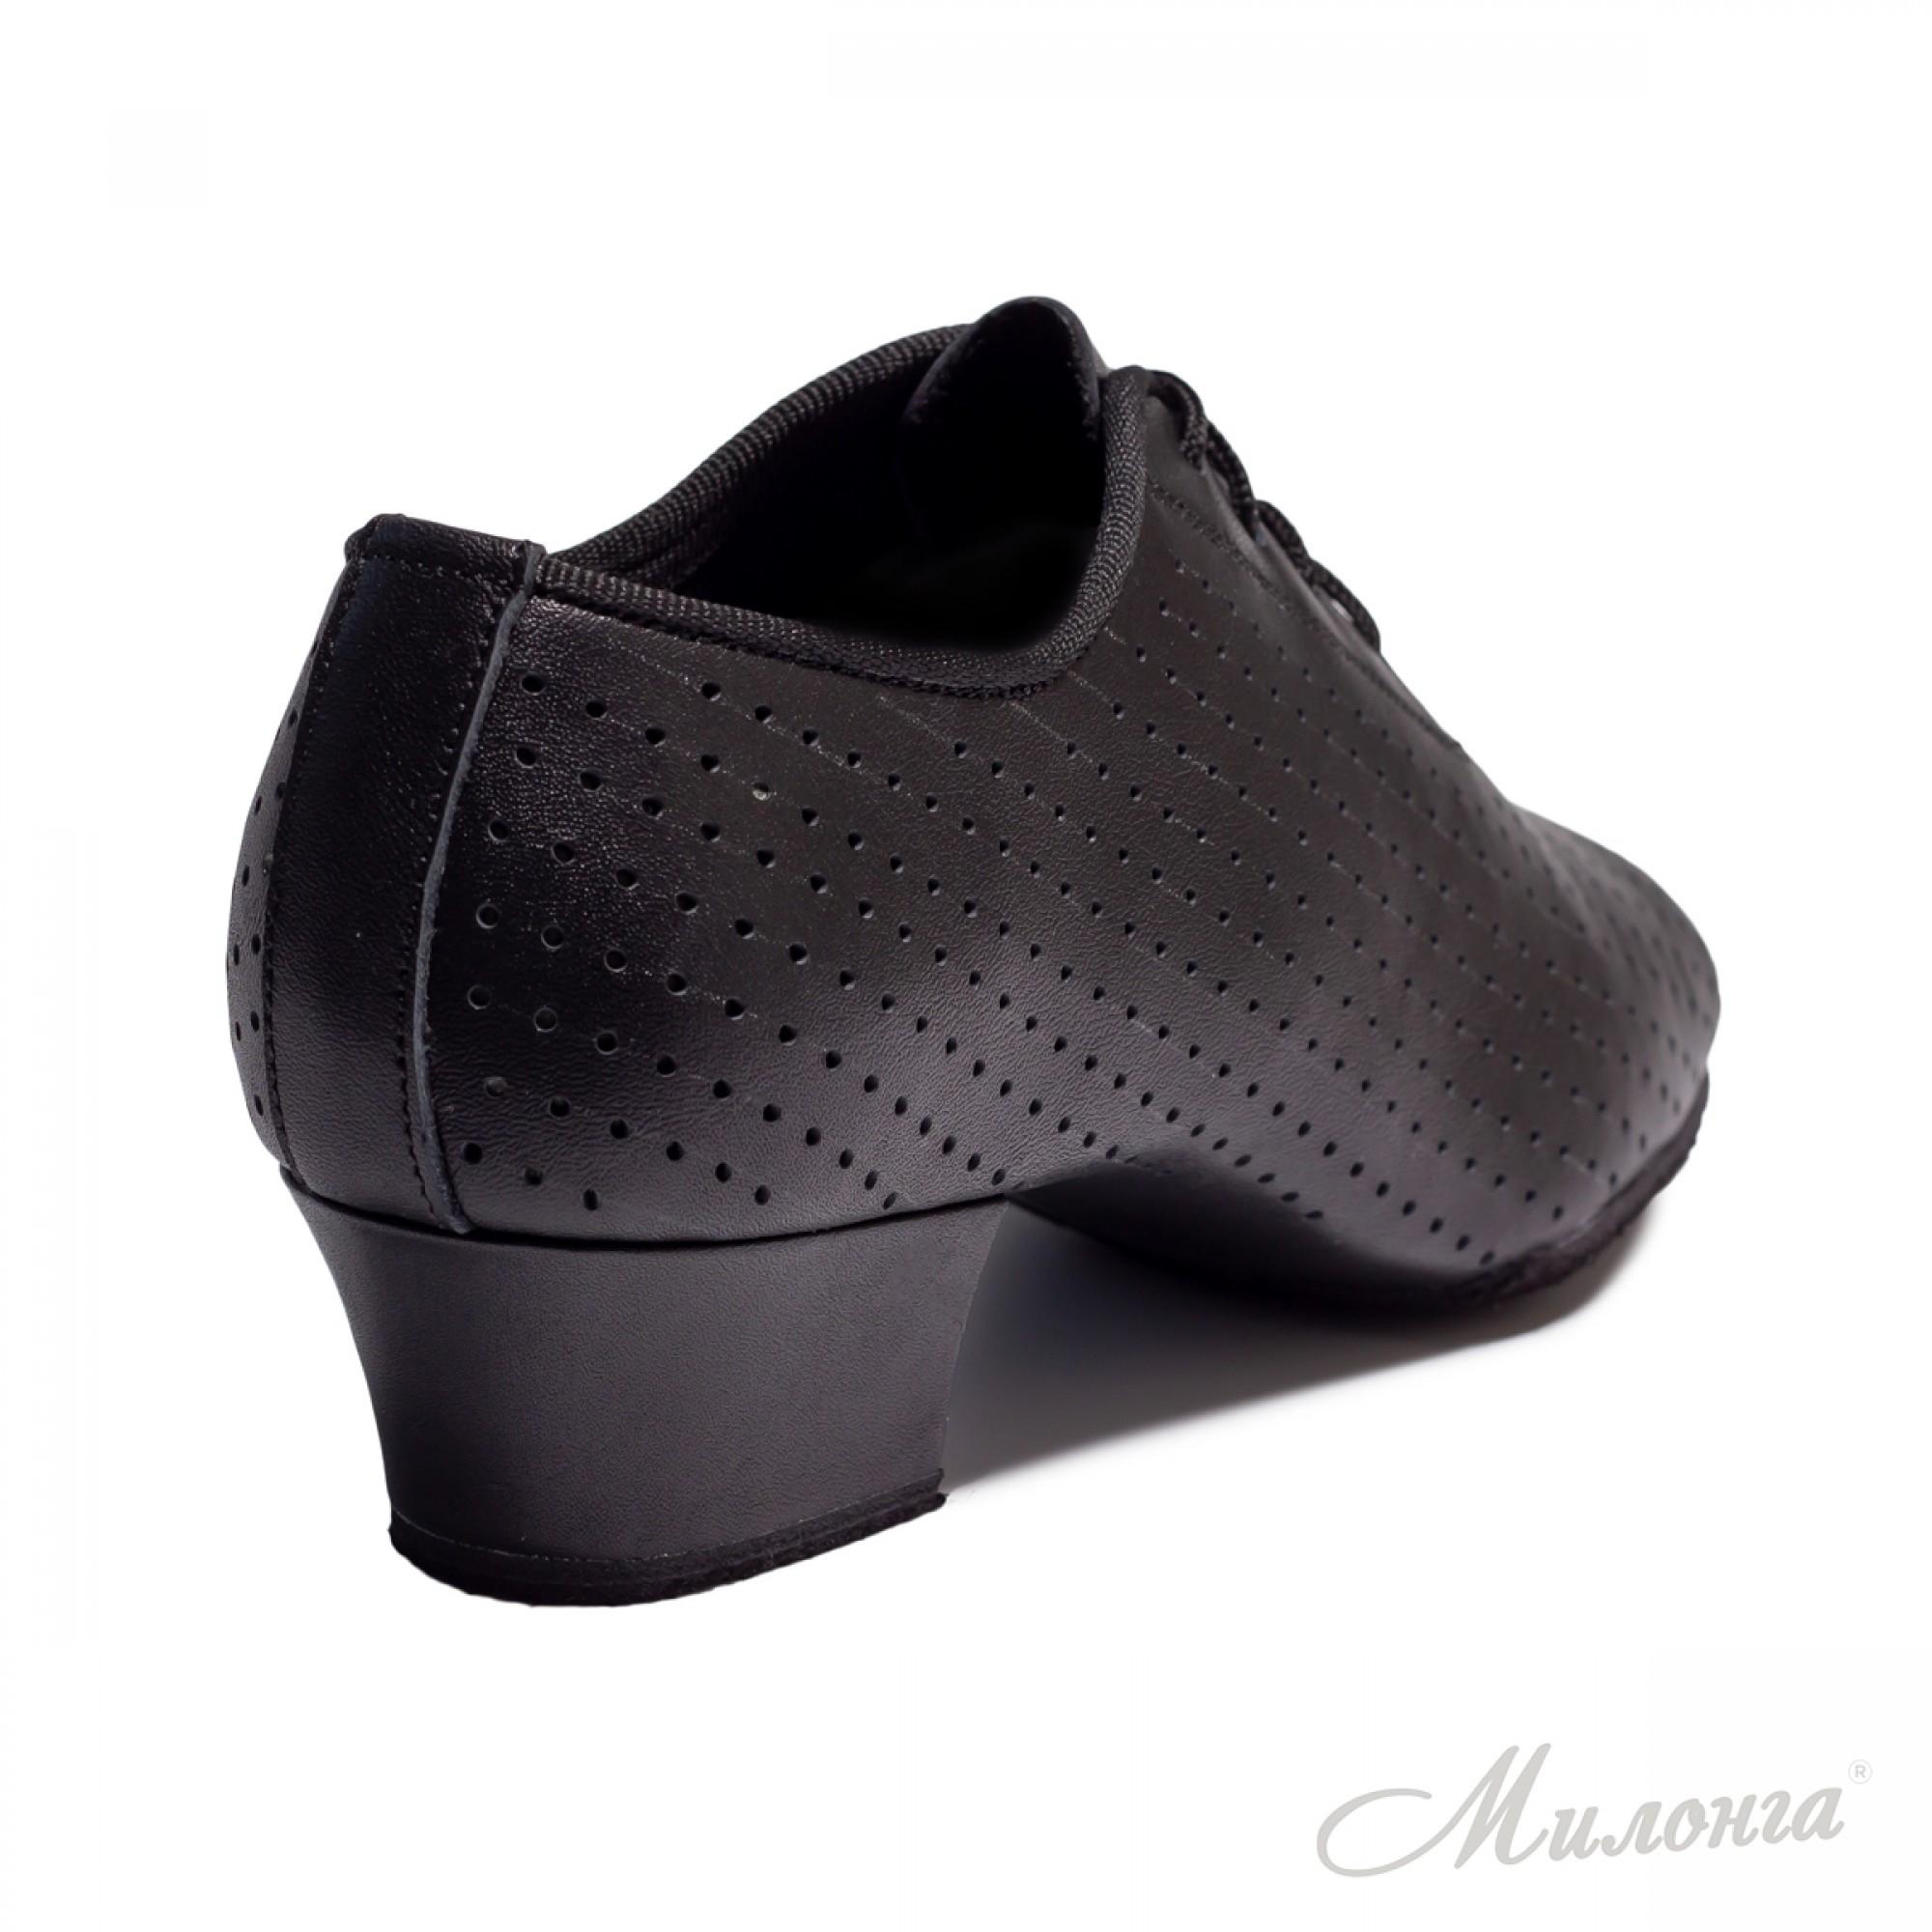 Туфли тренировочные Maestro